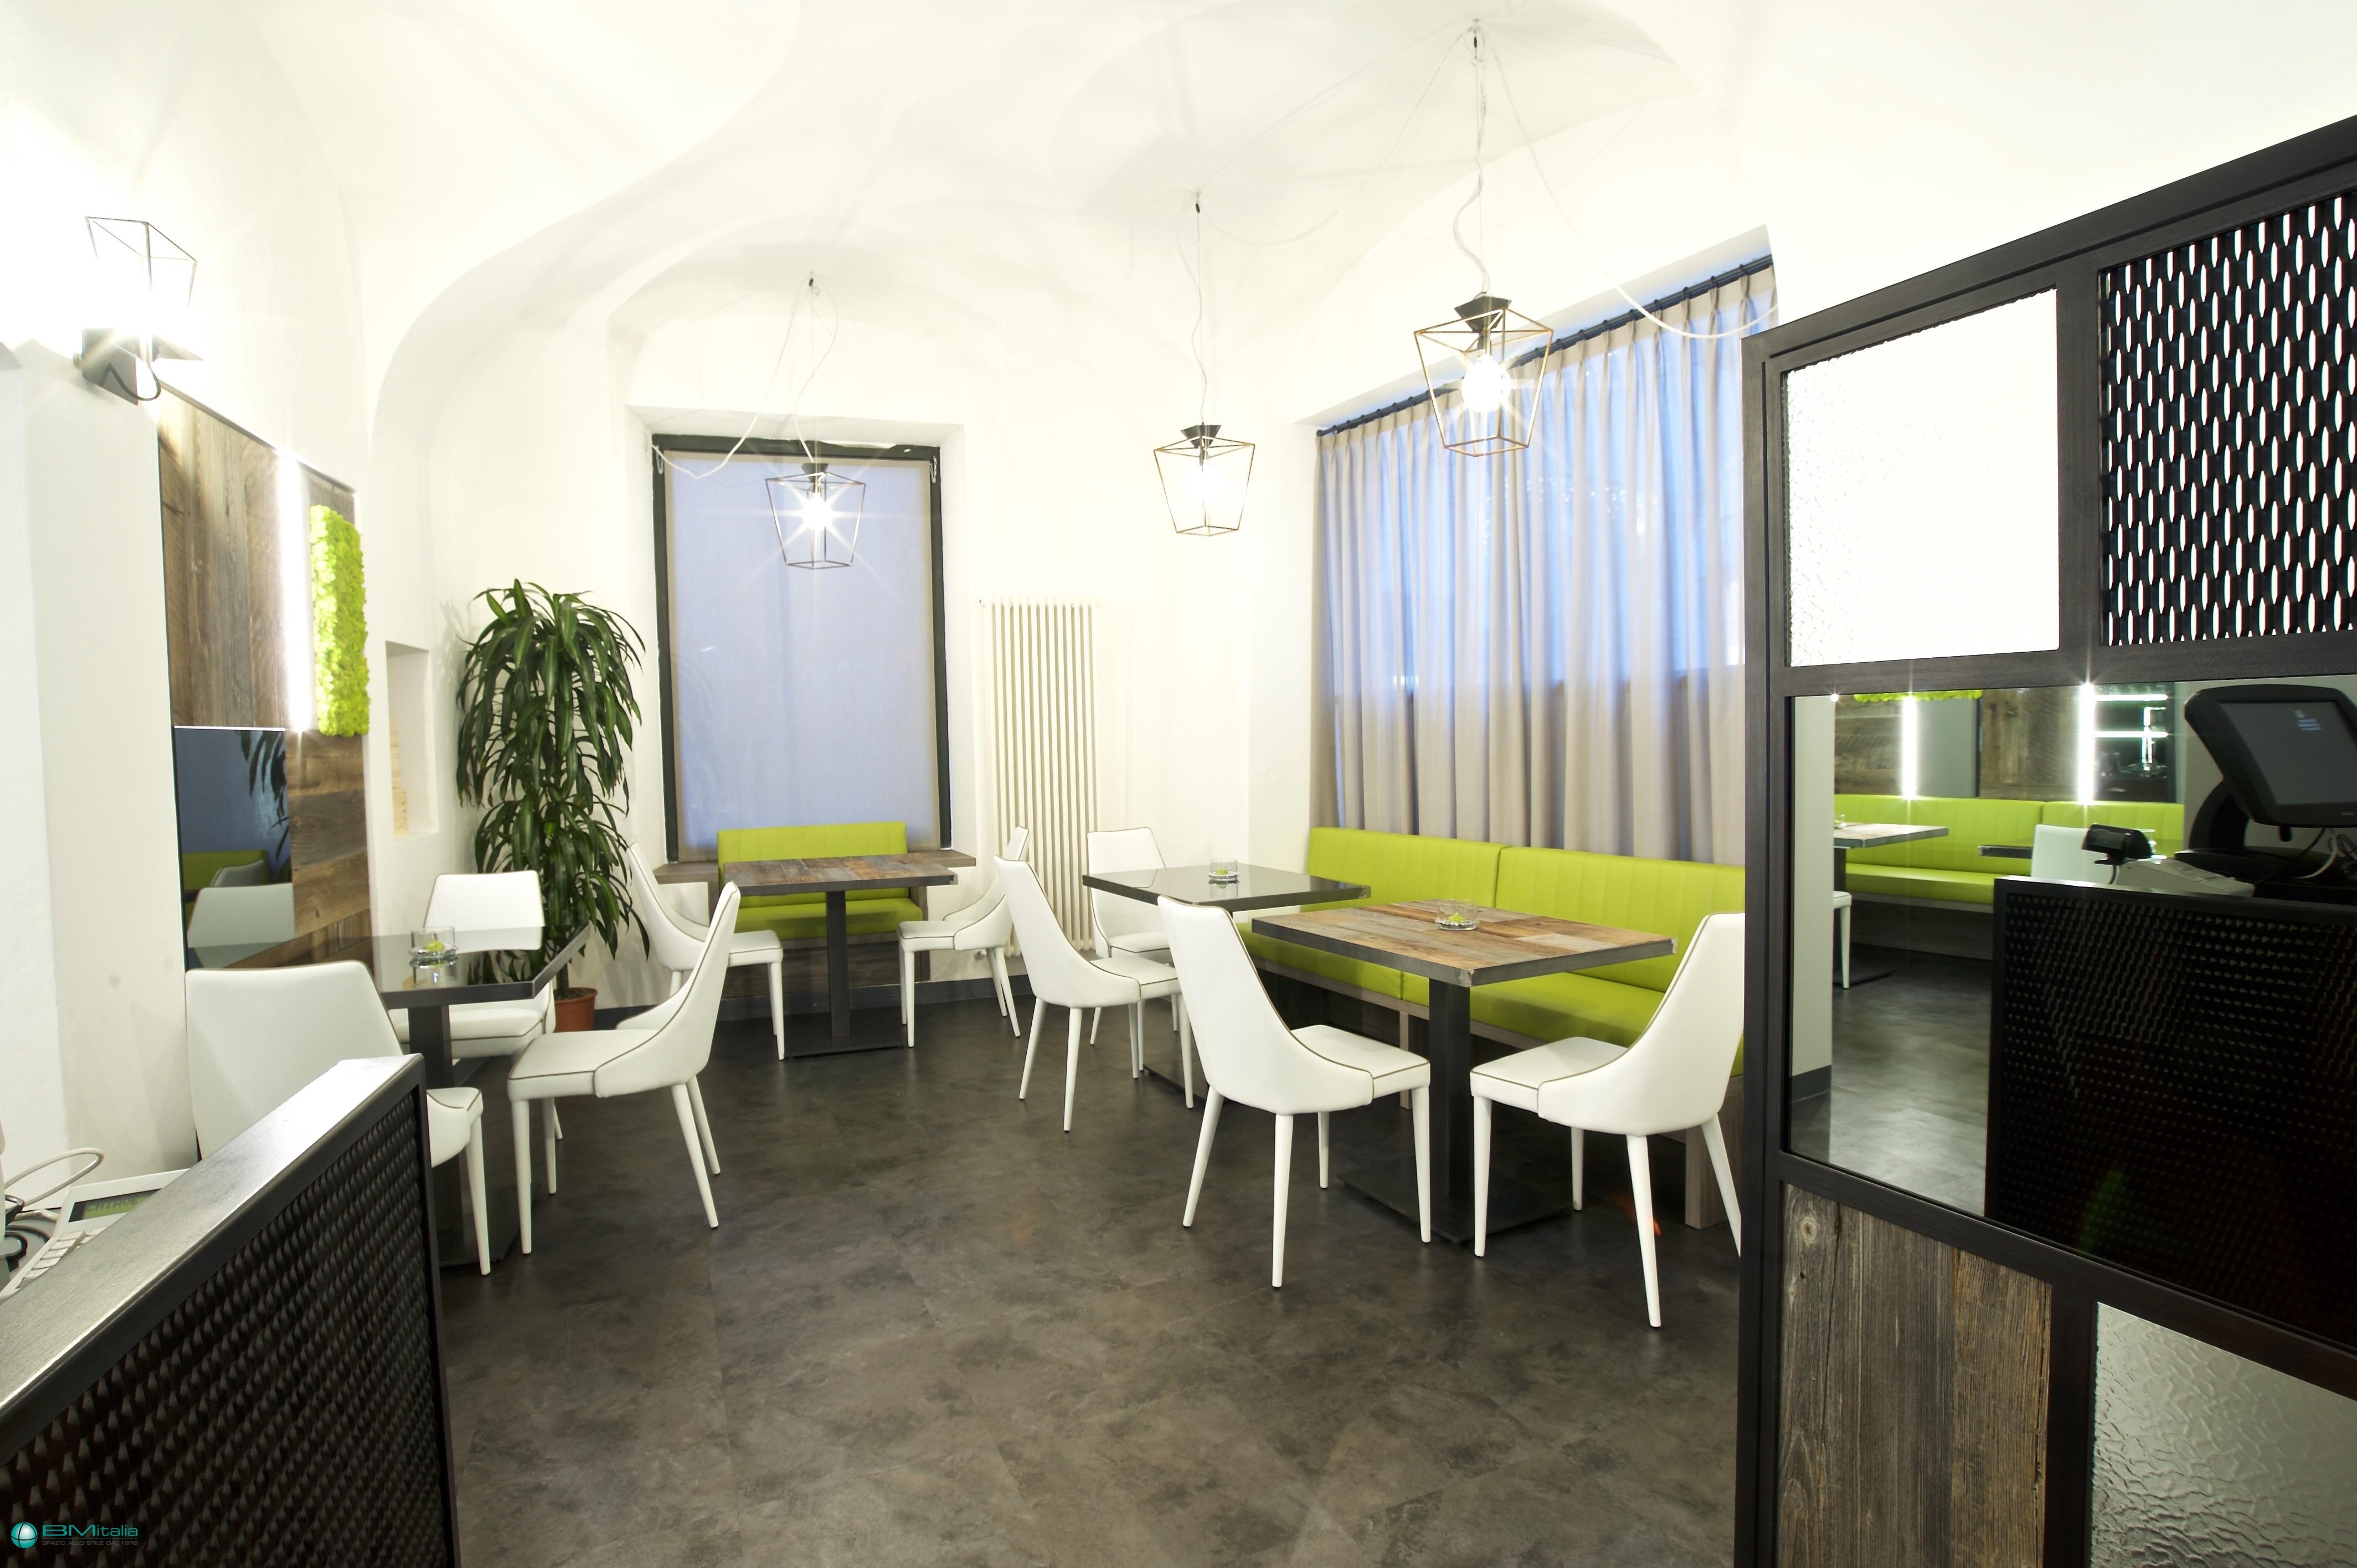 Realizzazione arredamento su misura per ristoranti e bar for Bm arredamenti